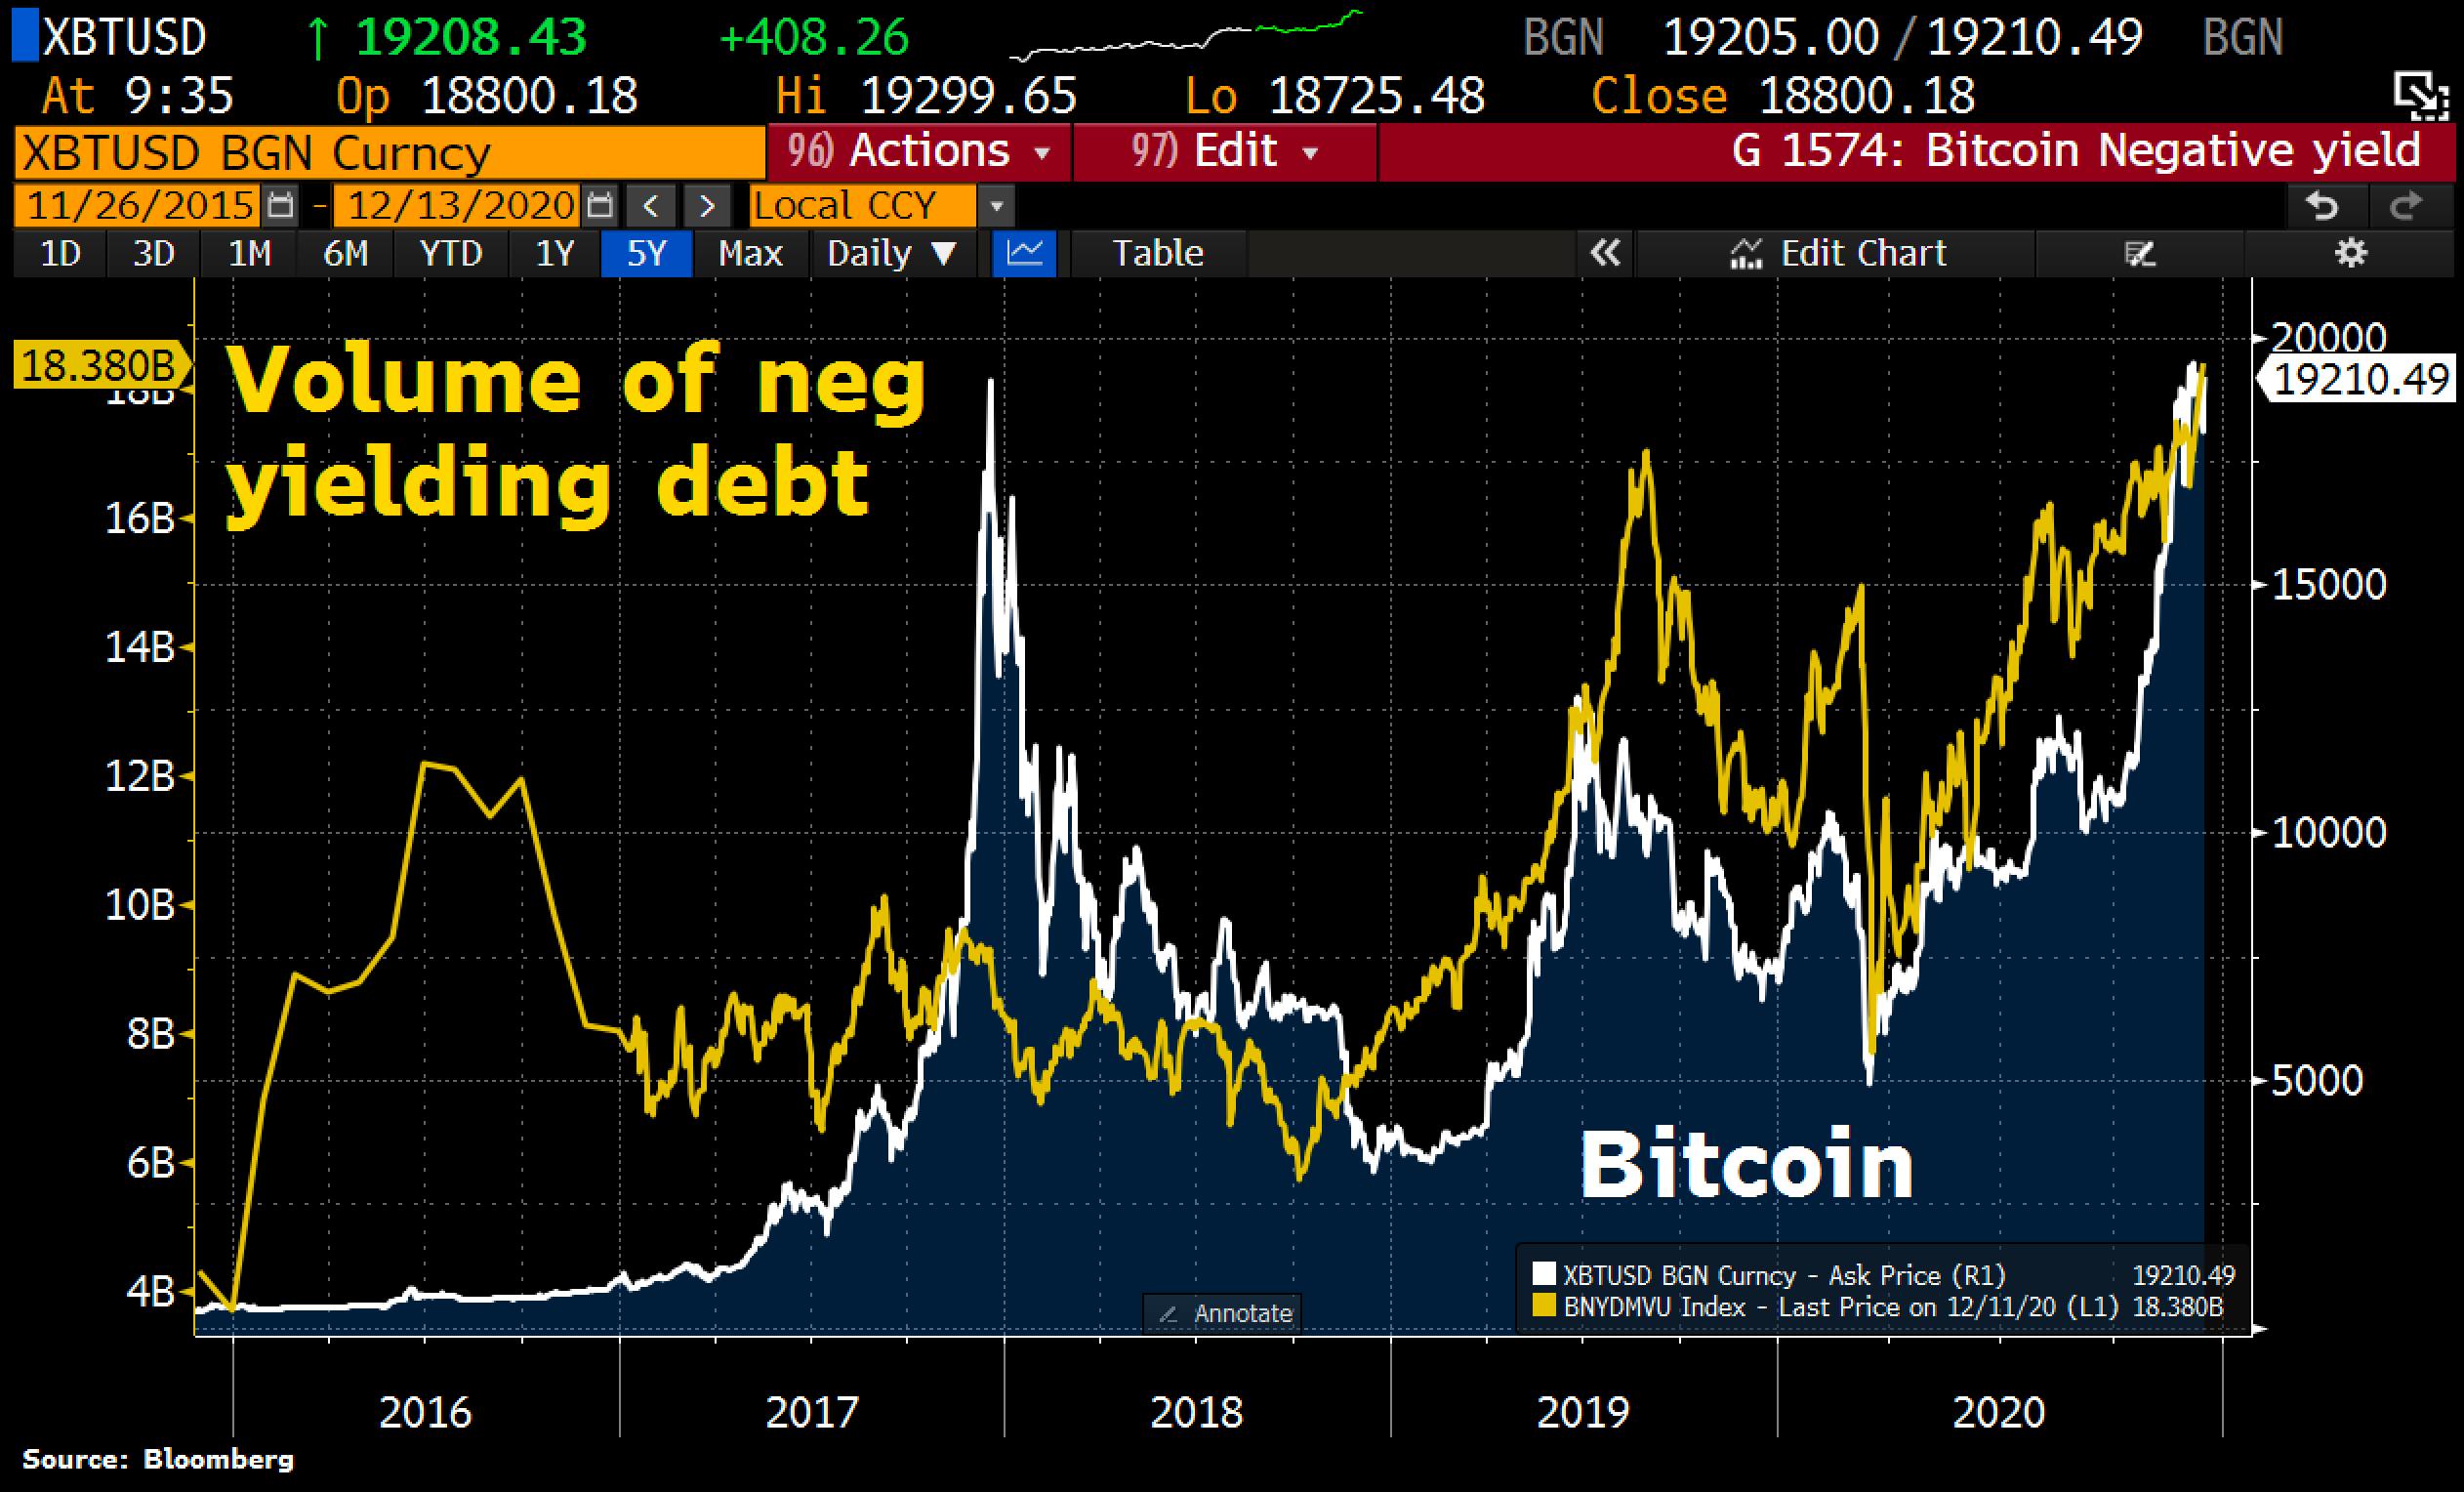 Bitcoin Negative Yield